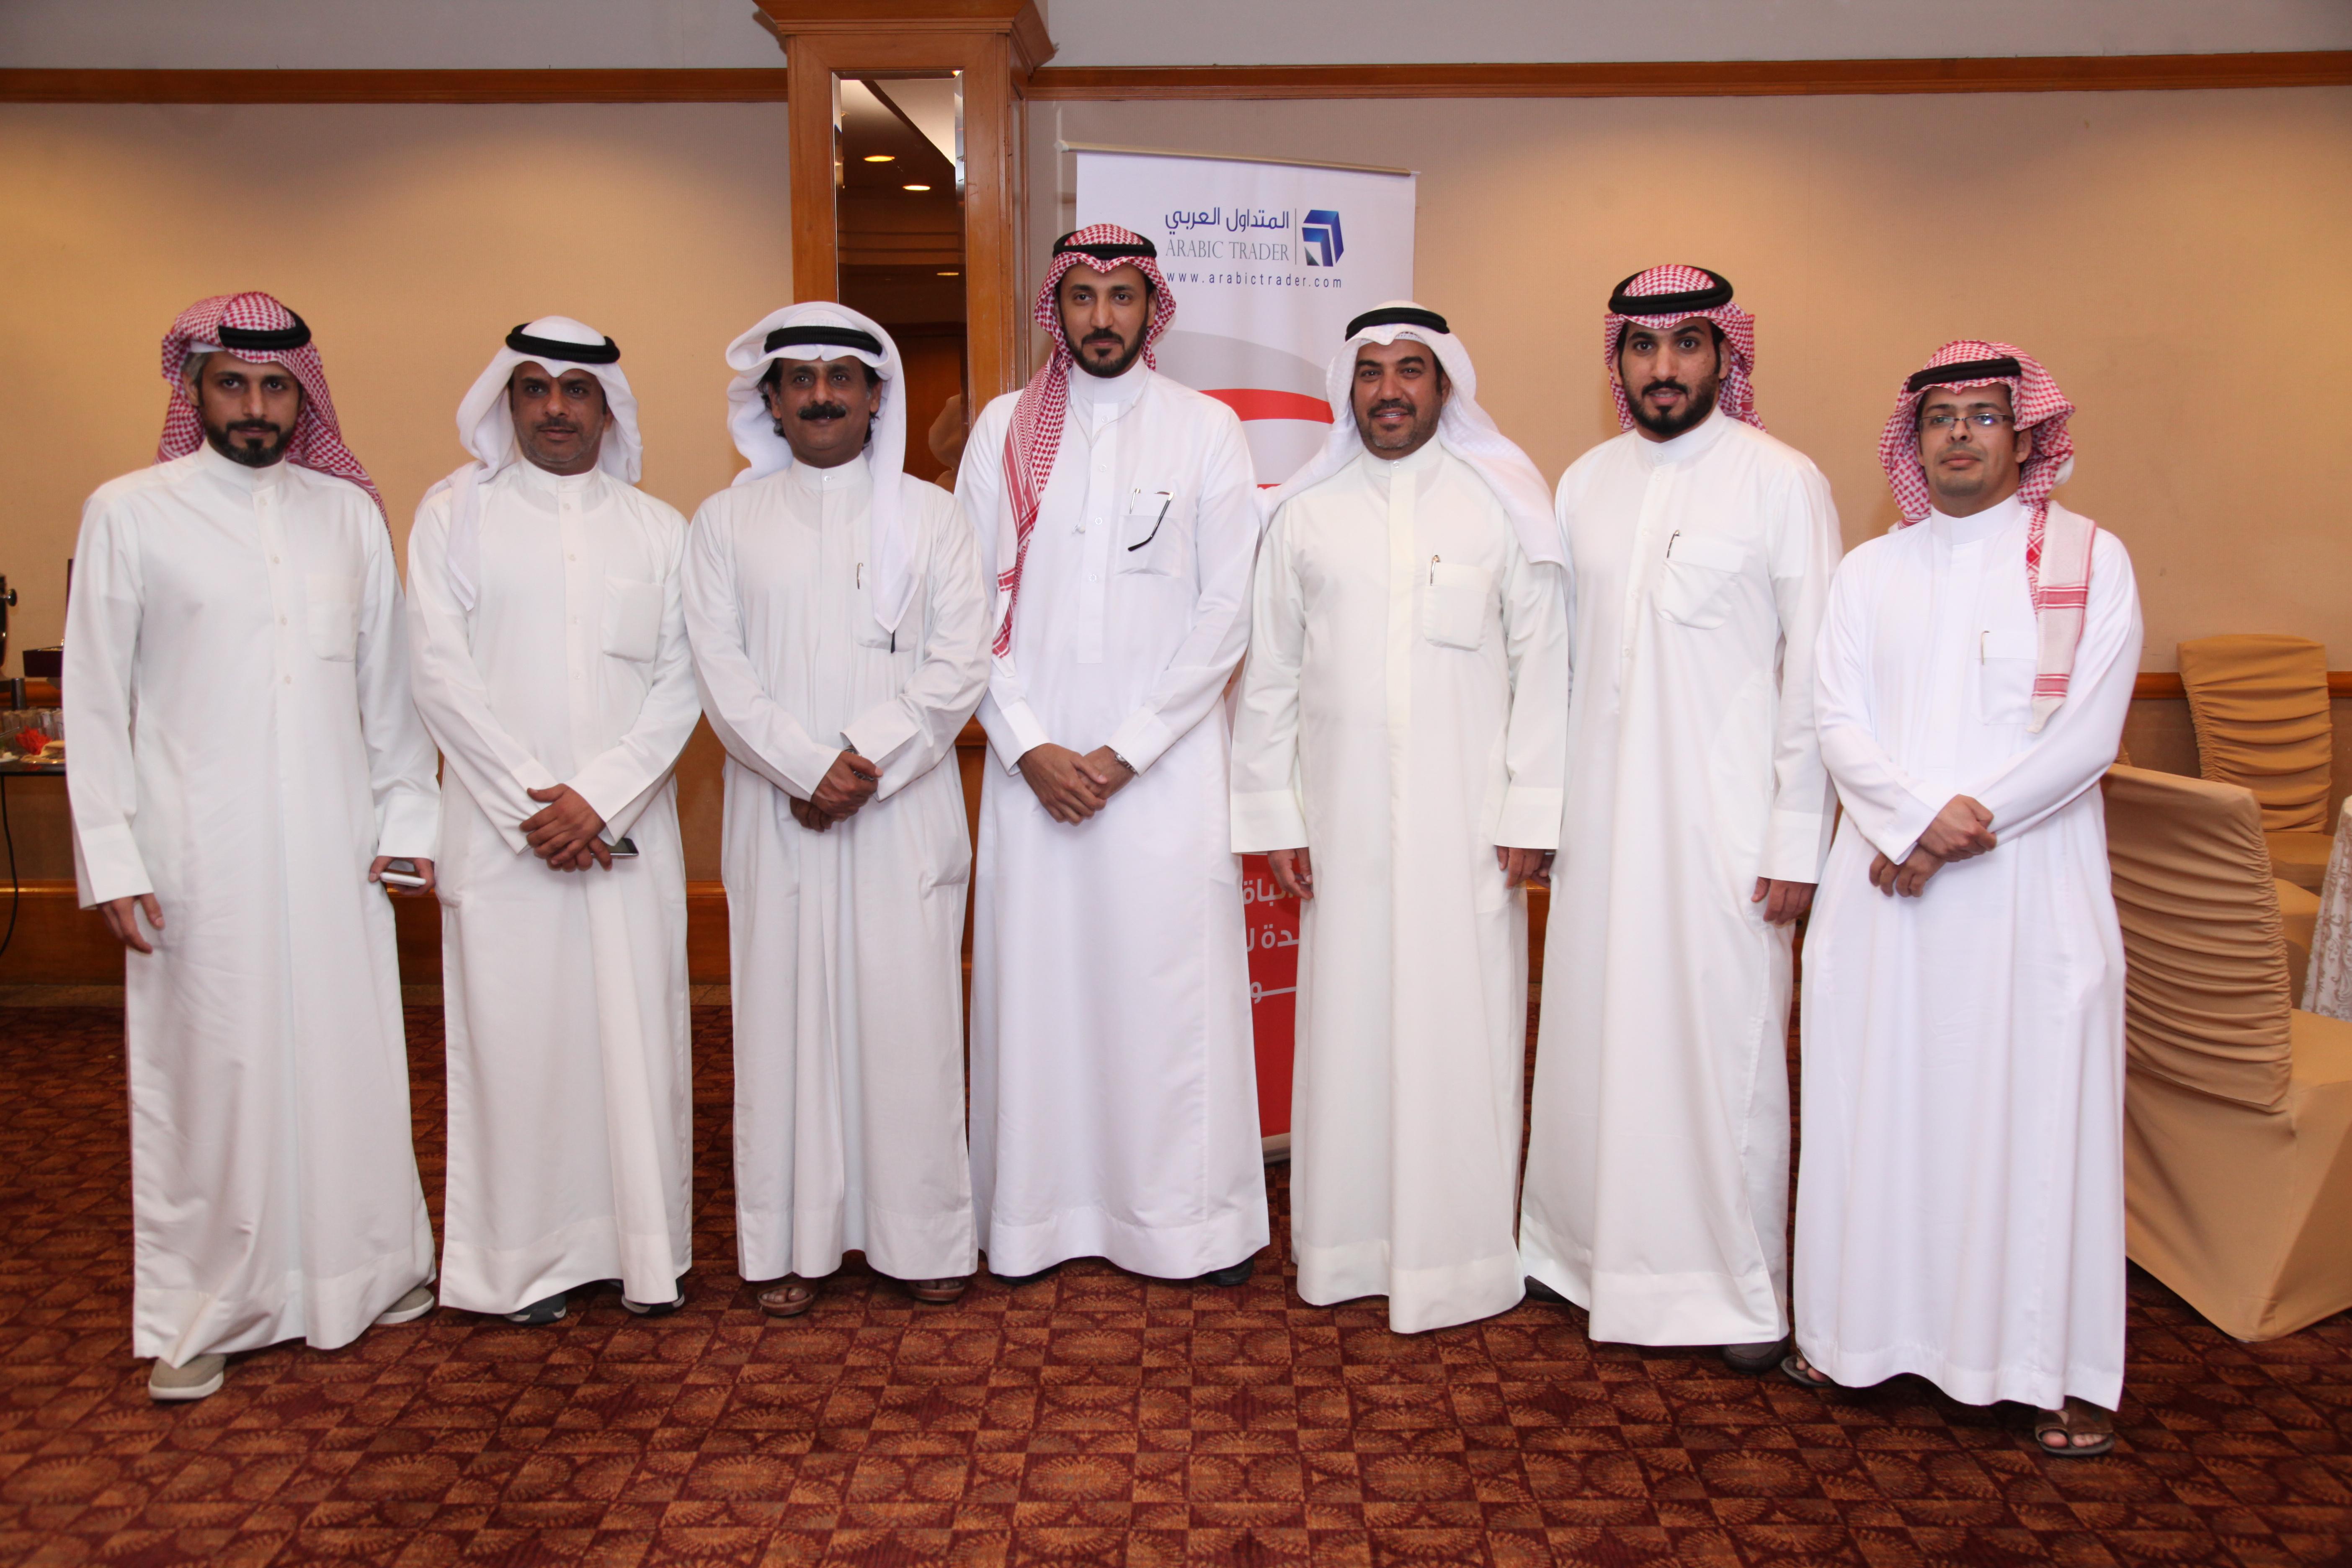 لقاء المتداول العربي مع المتداولين وندوة اقتناص نماذج الهارمونيك بالكويت